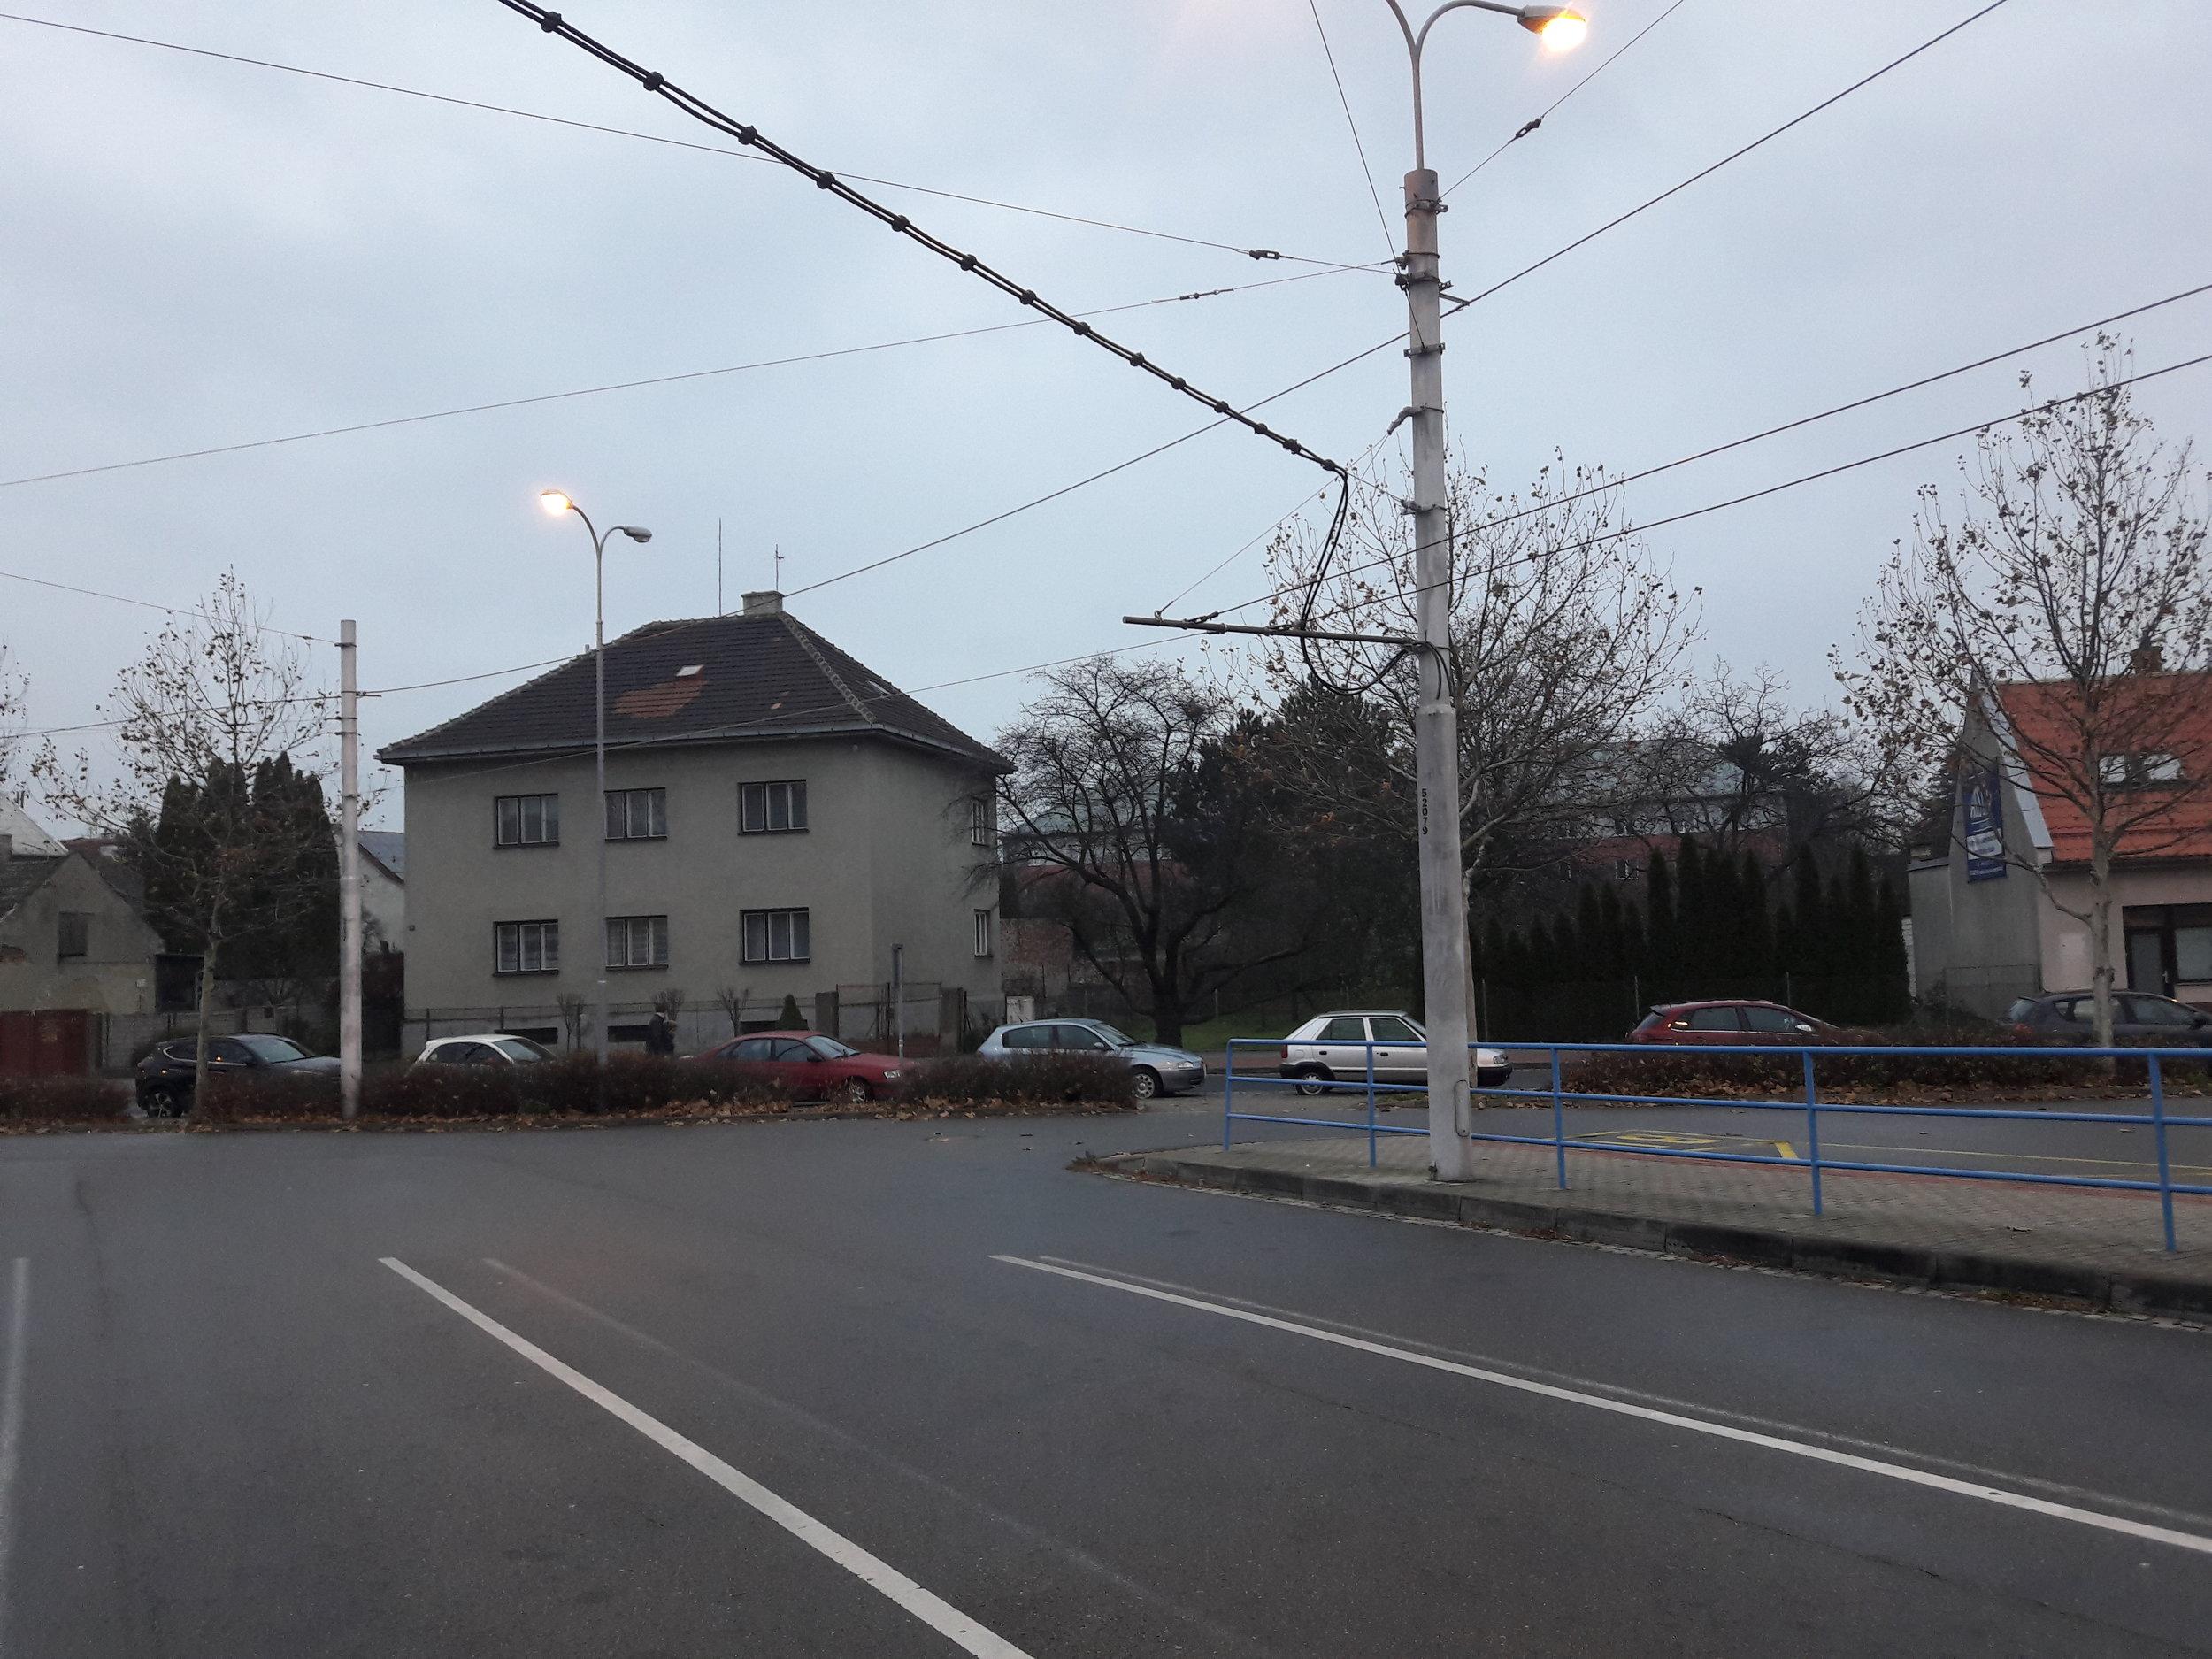 Stopa nikam nevede, je totiž pro elektrobus. Snímek je z 24. 11. 2018. (foto: 3x Vít Hinčica)